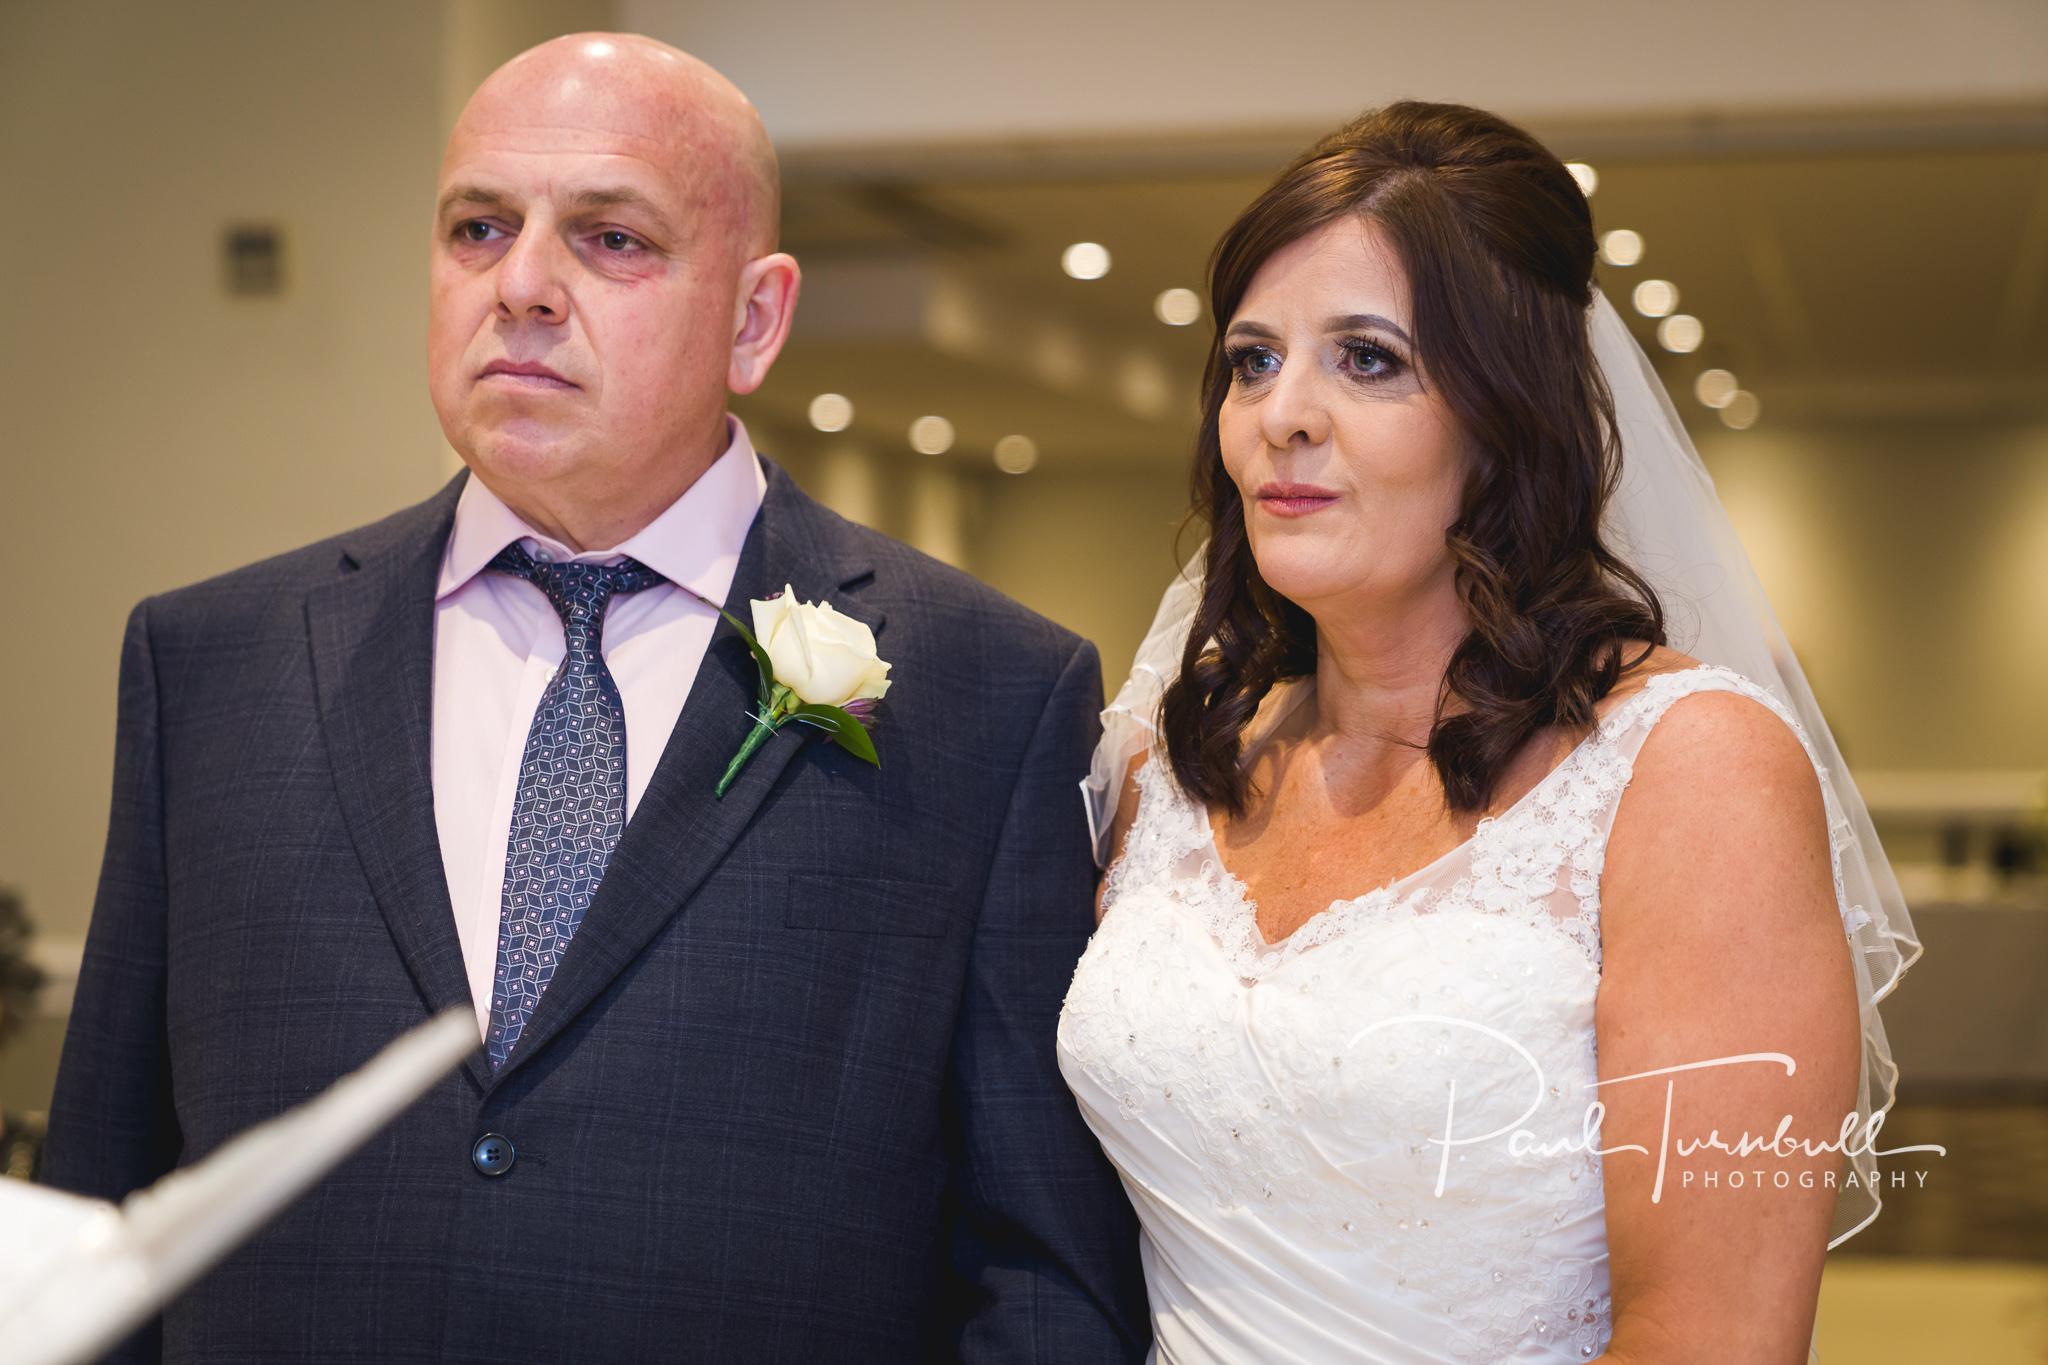 wedding-photographer-leeds-holiday-inn-garforth-028.jpg